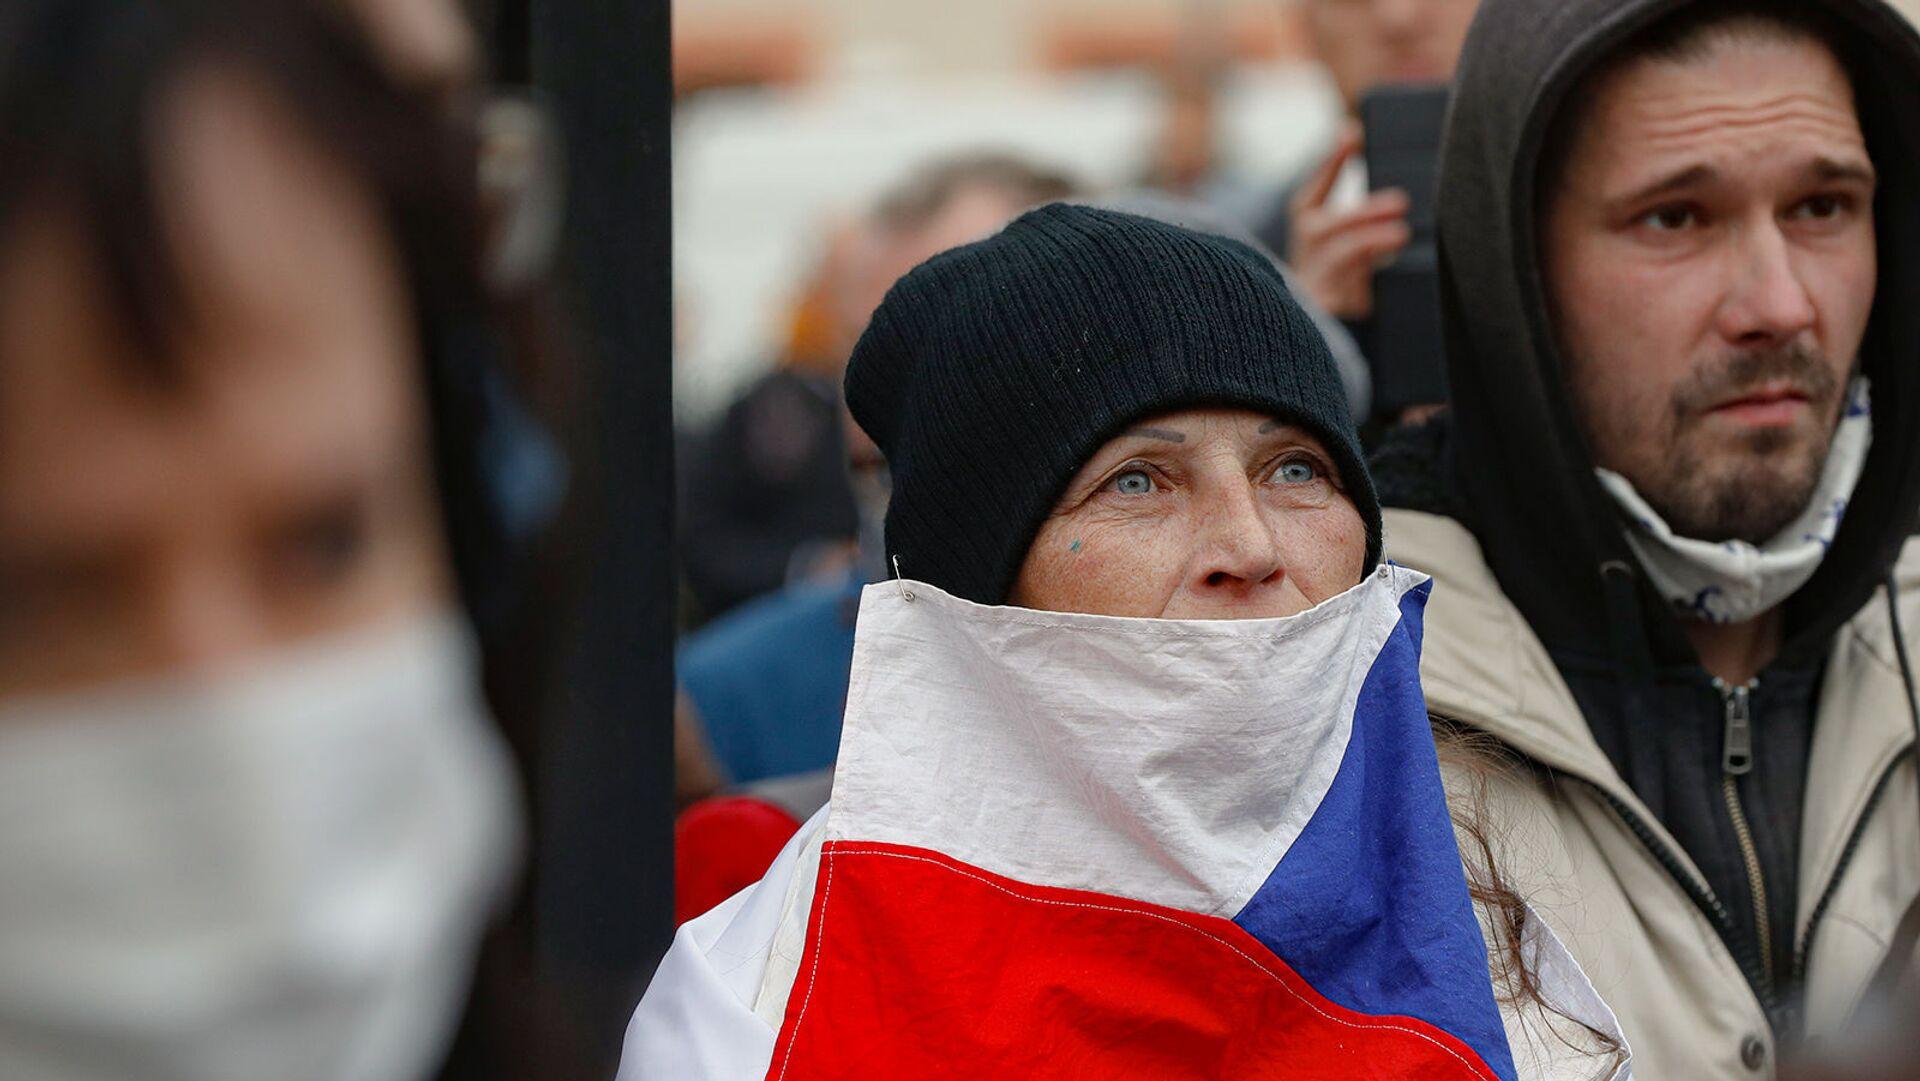 Женщина с чешским флагом в качестве маски во время демонстрации против профилактических мер COVID-19 в центре Праги (28 октября 2020). Чехия - Sputnik Արմենիա, 1920, 14.10.2021